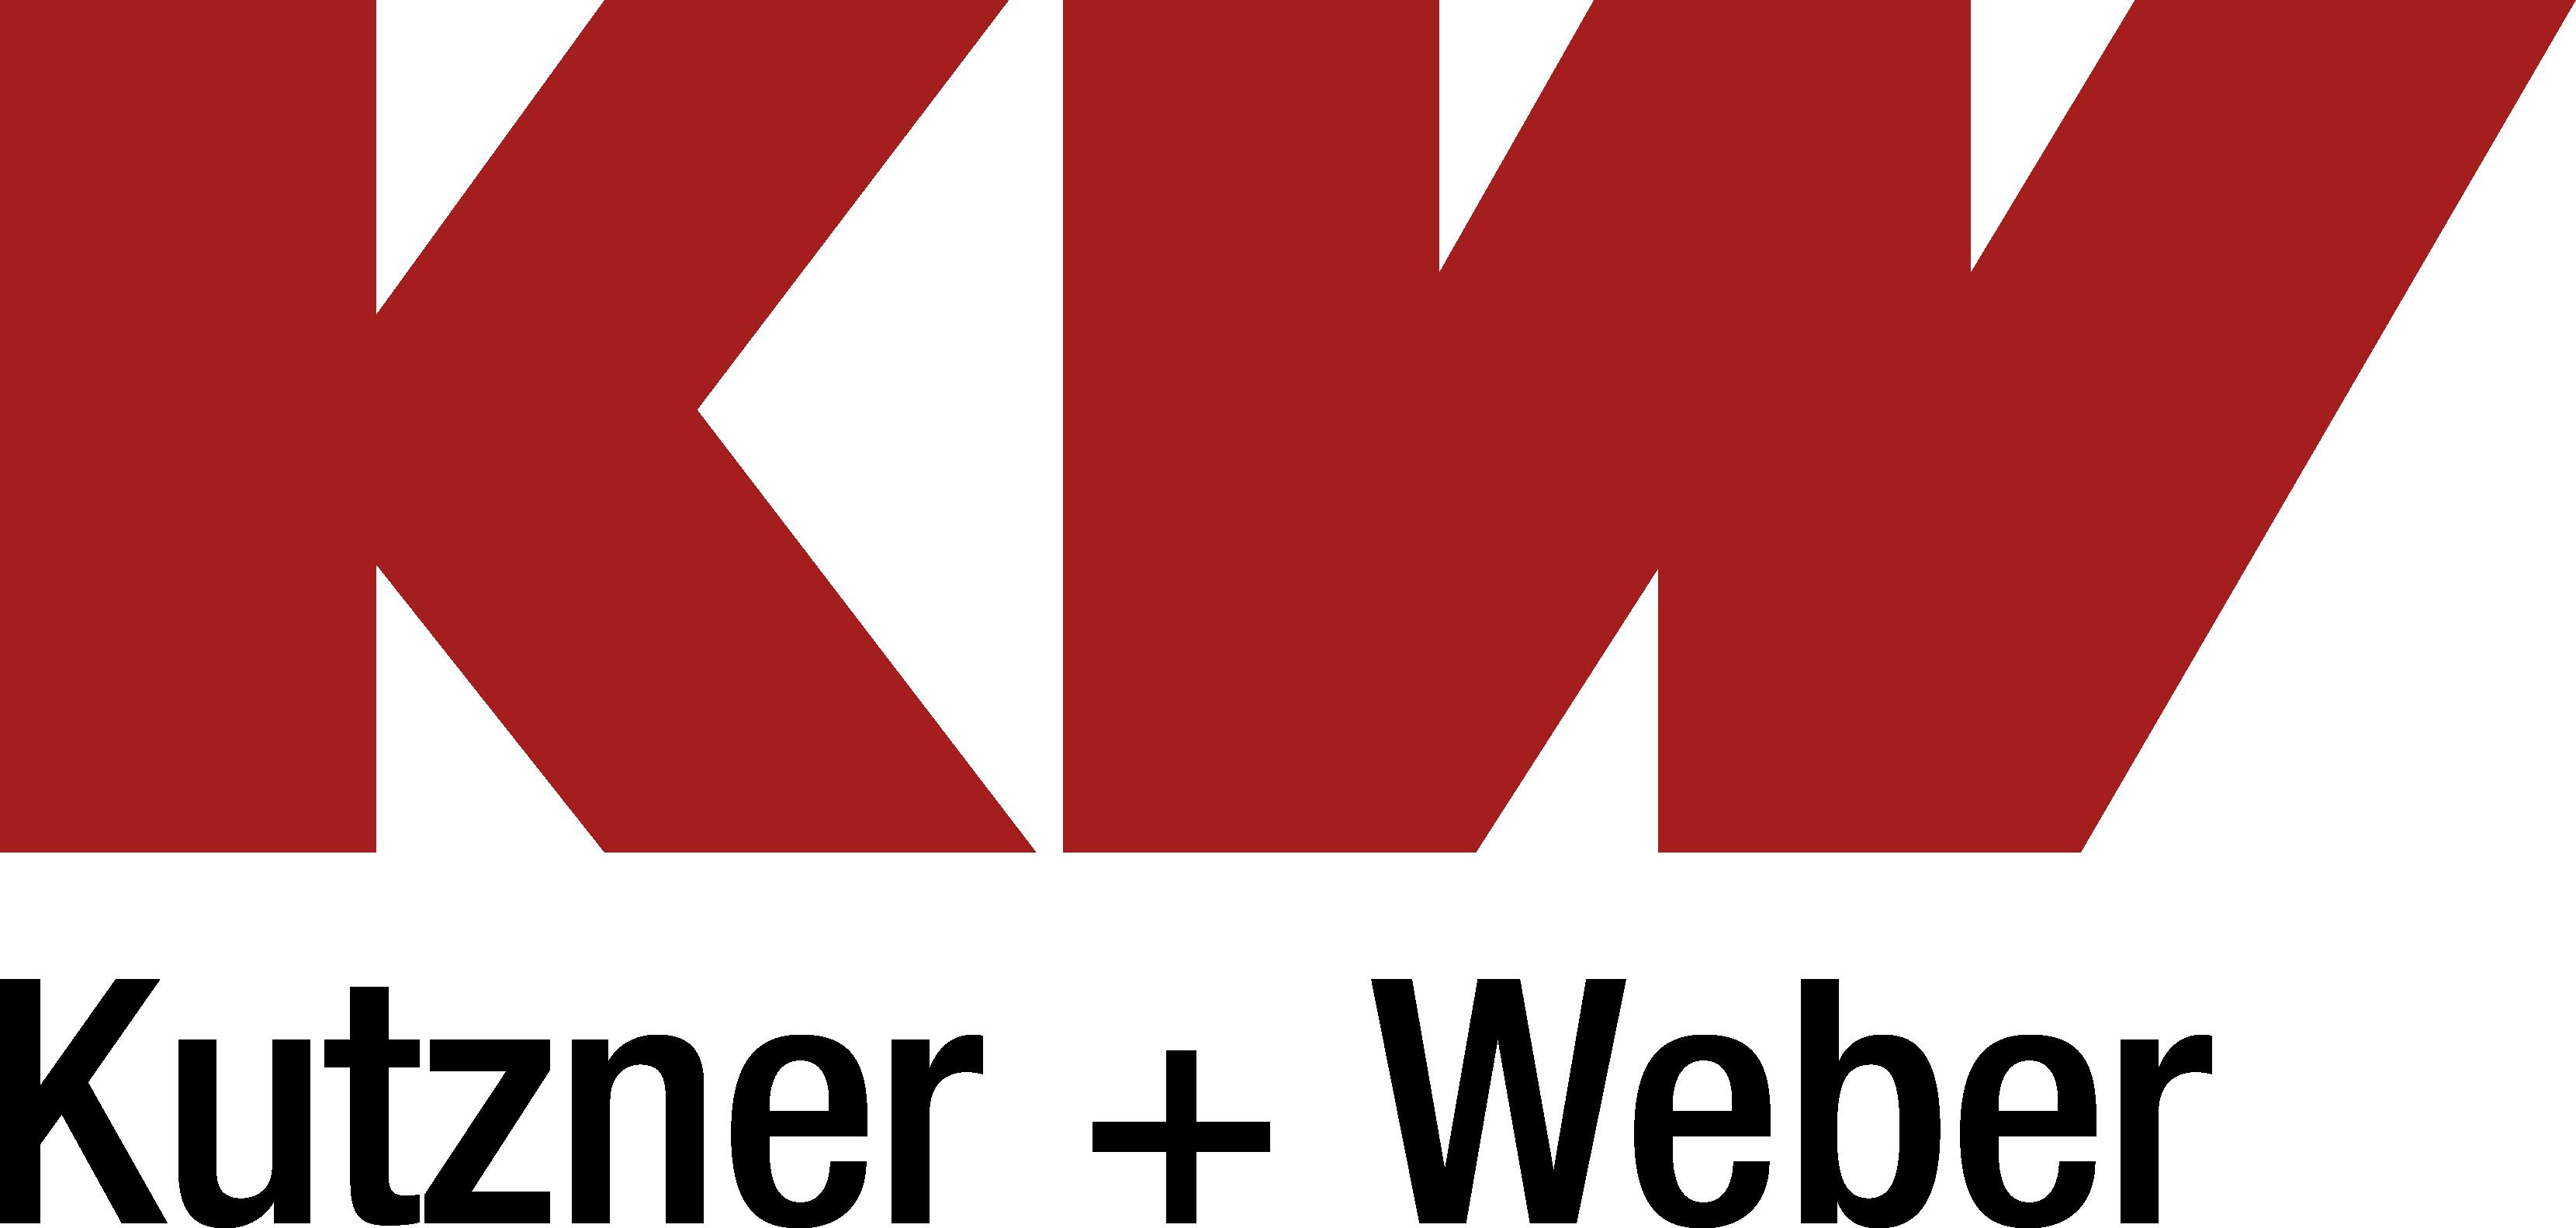 Kutzner-Weber